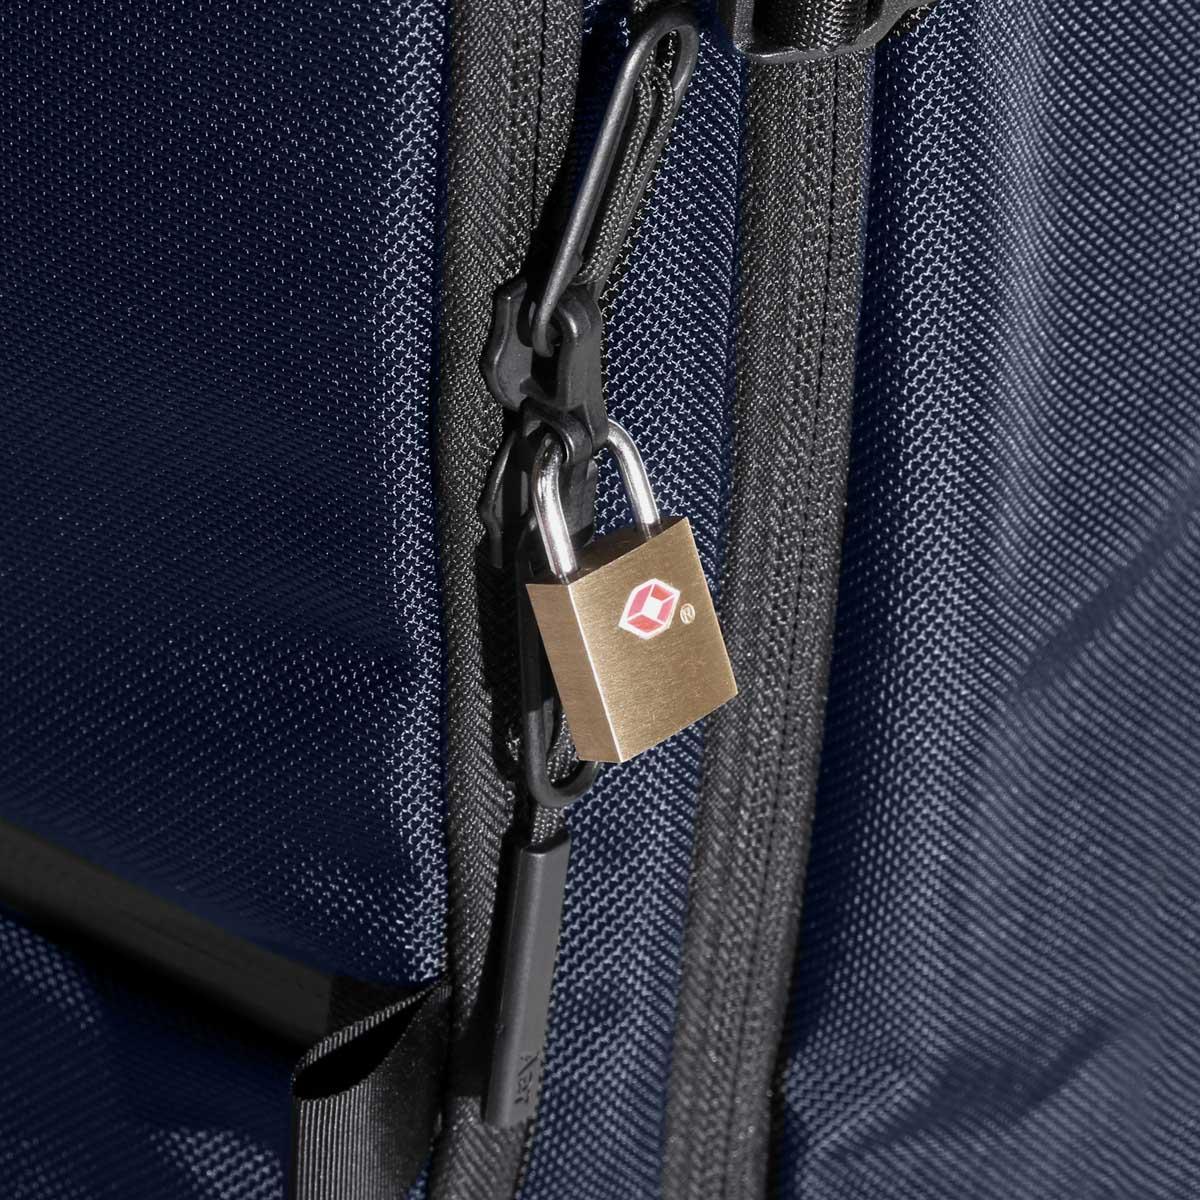 23007_travelpack2_navy_lock.jpg